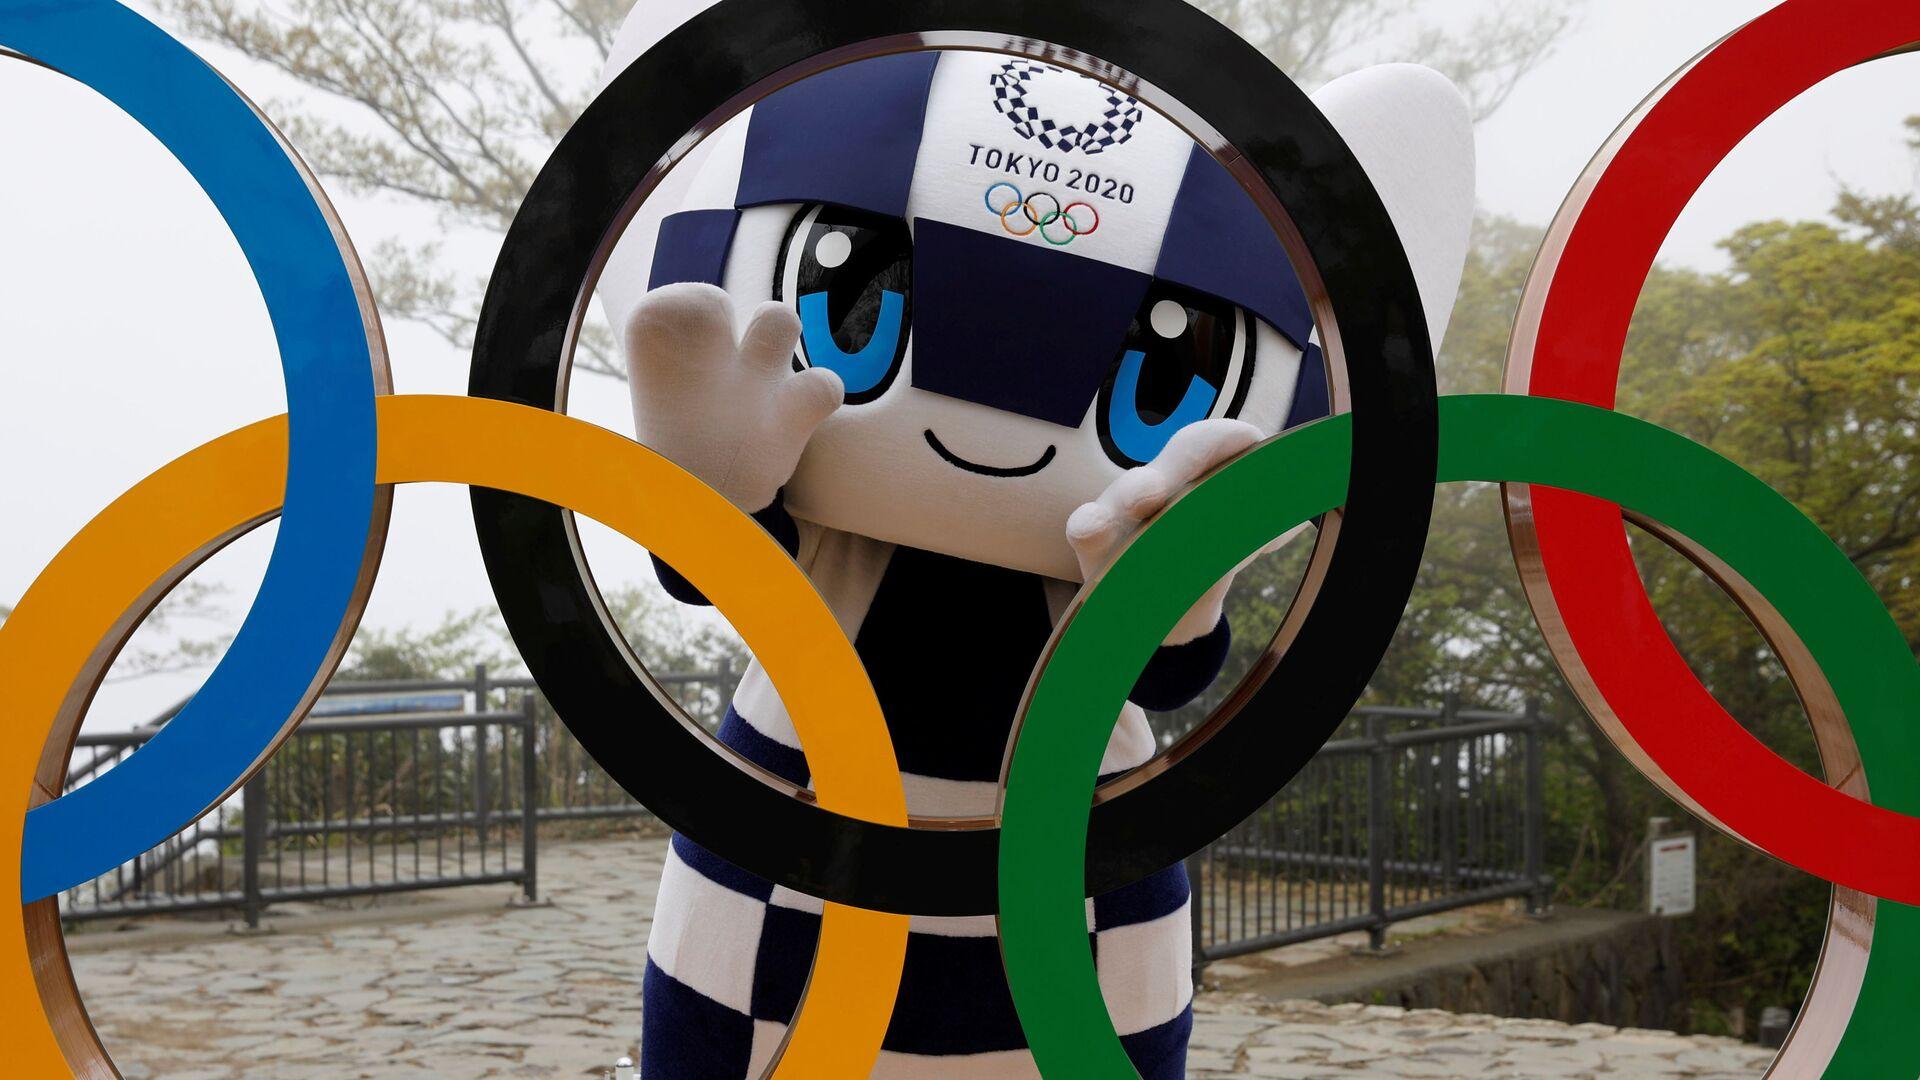 Талисман Летней Олимпиады в Токио Miraitowa позирует сзади Олимпийских колец после мероприятия по случаю 100 дней до Олийписких игр в Токио  - Sputnik Italia, 1920, 25.05.2021